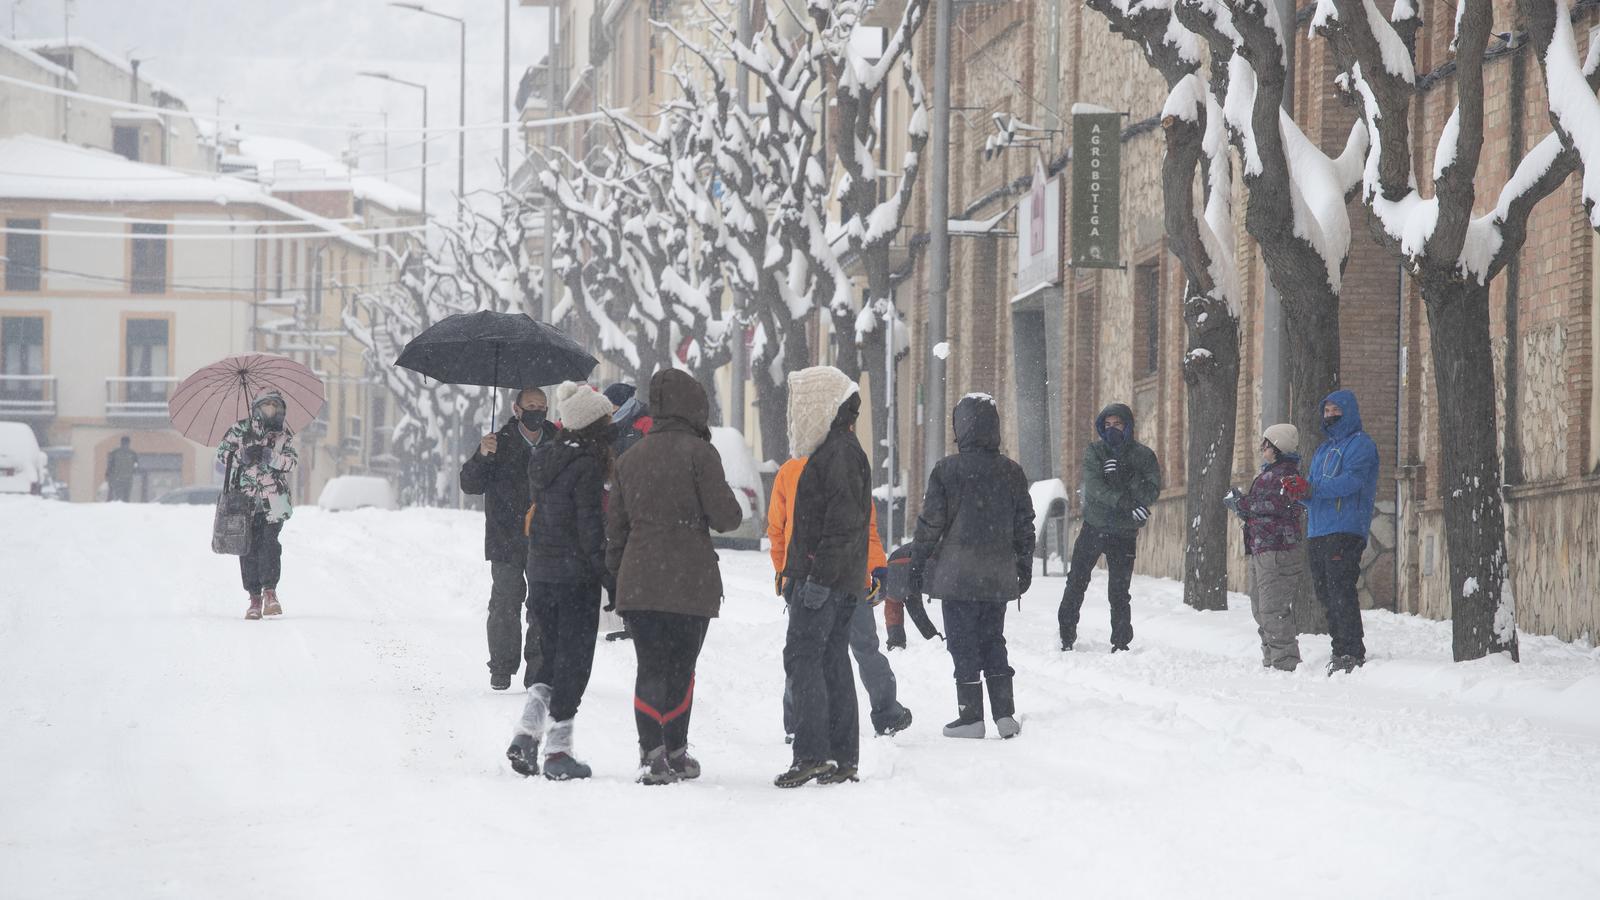 Veïns de Falset, un dels municipis més afectats pels talls de llum